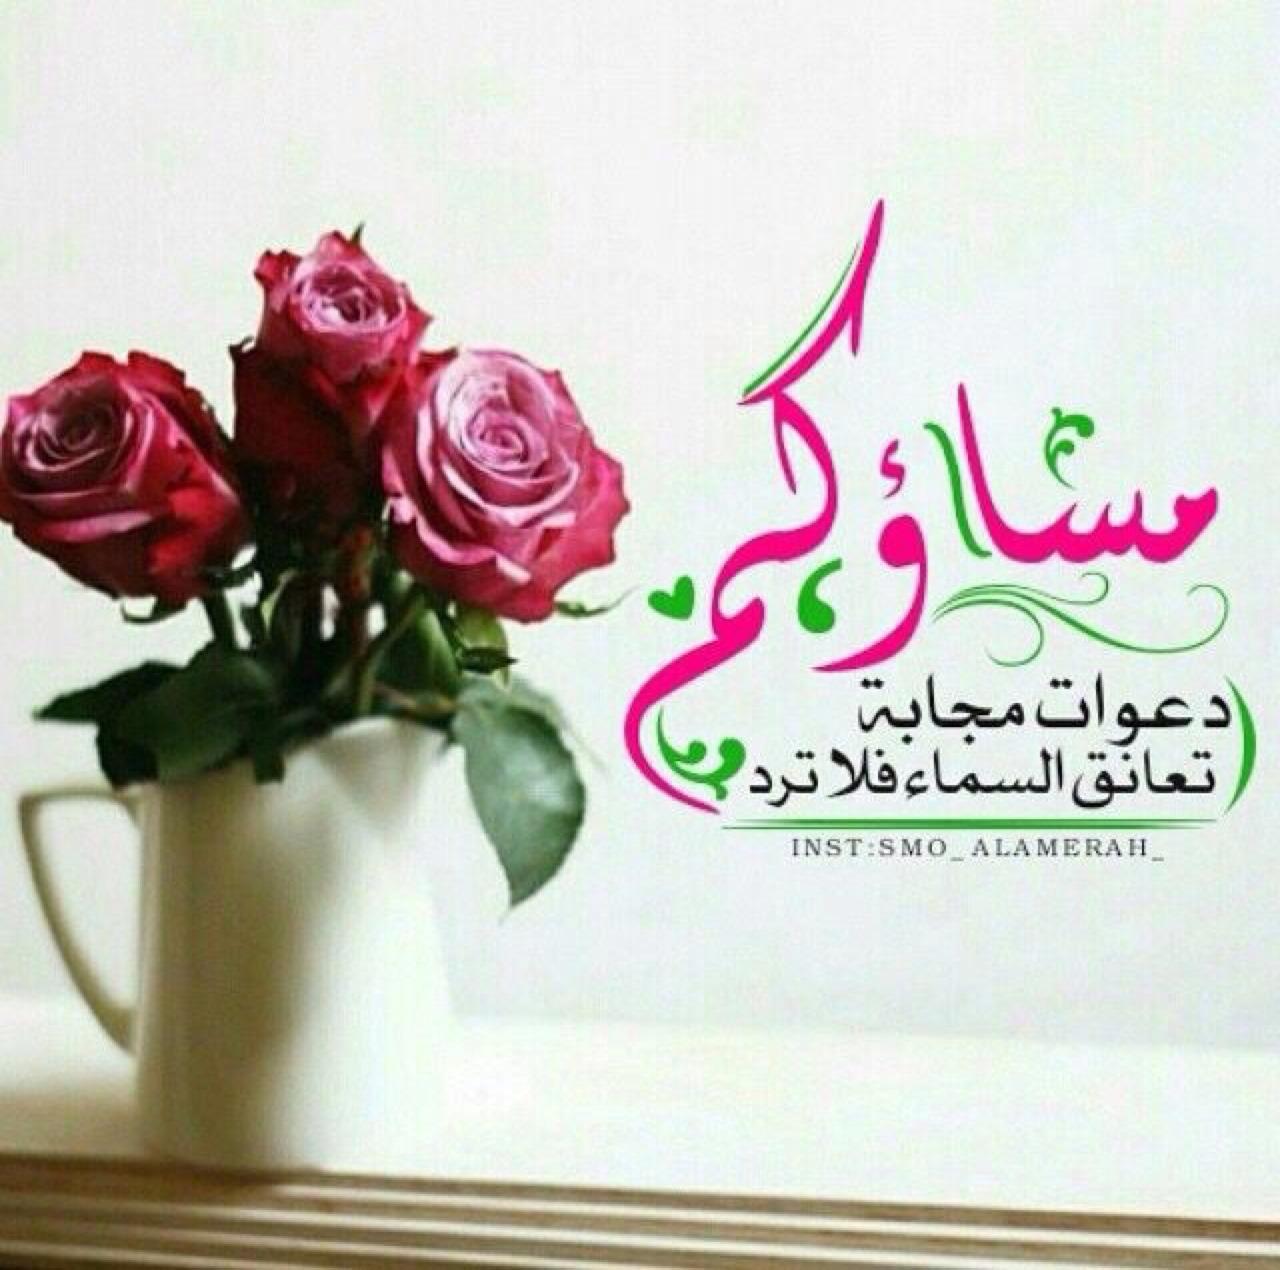 بالصور دعاء مساء الخير , اجمل صور ادعية مساء الخير 2185 6